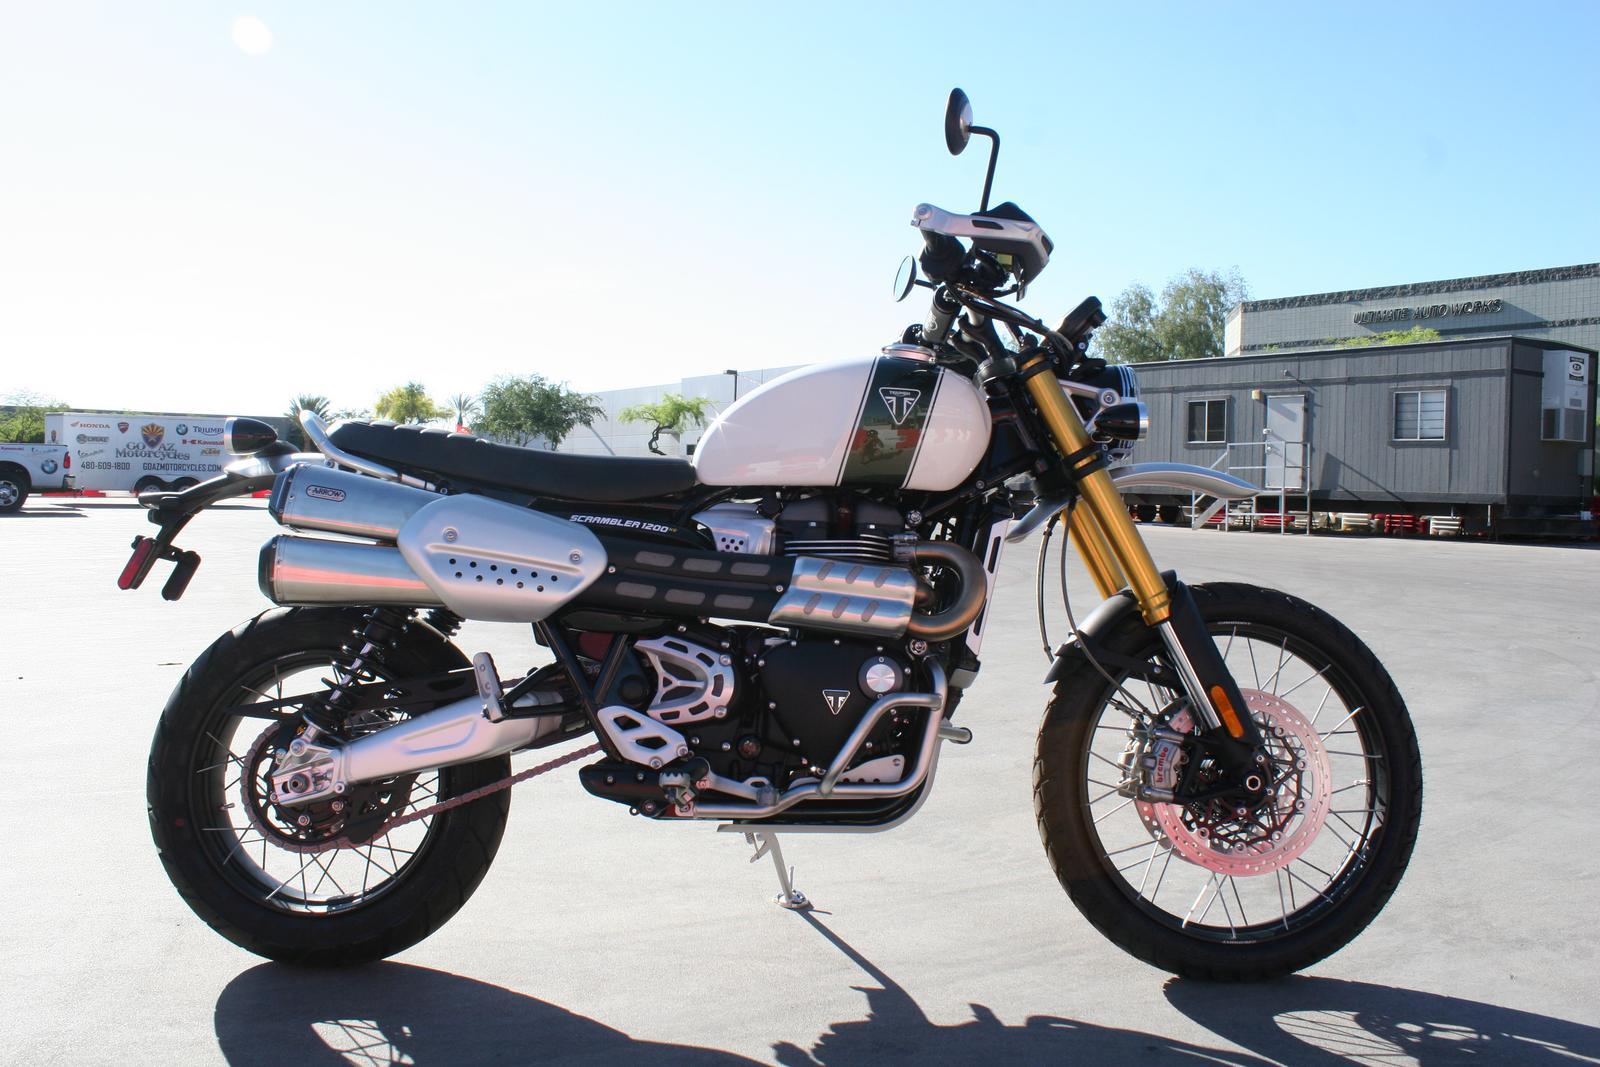 2019 Triumph Scrambler 1200 Xe For Sale In Scottsdale Az Go Az